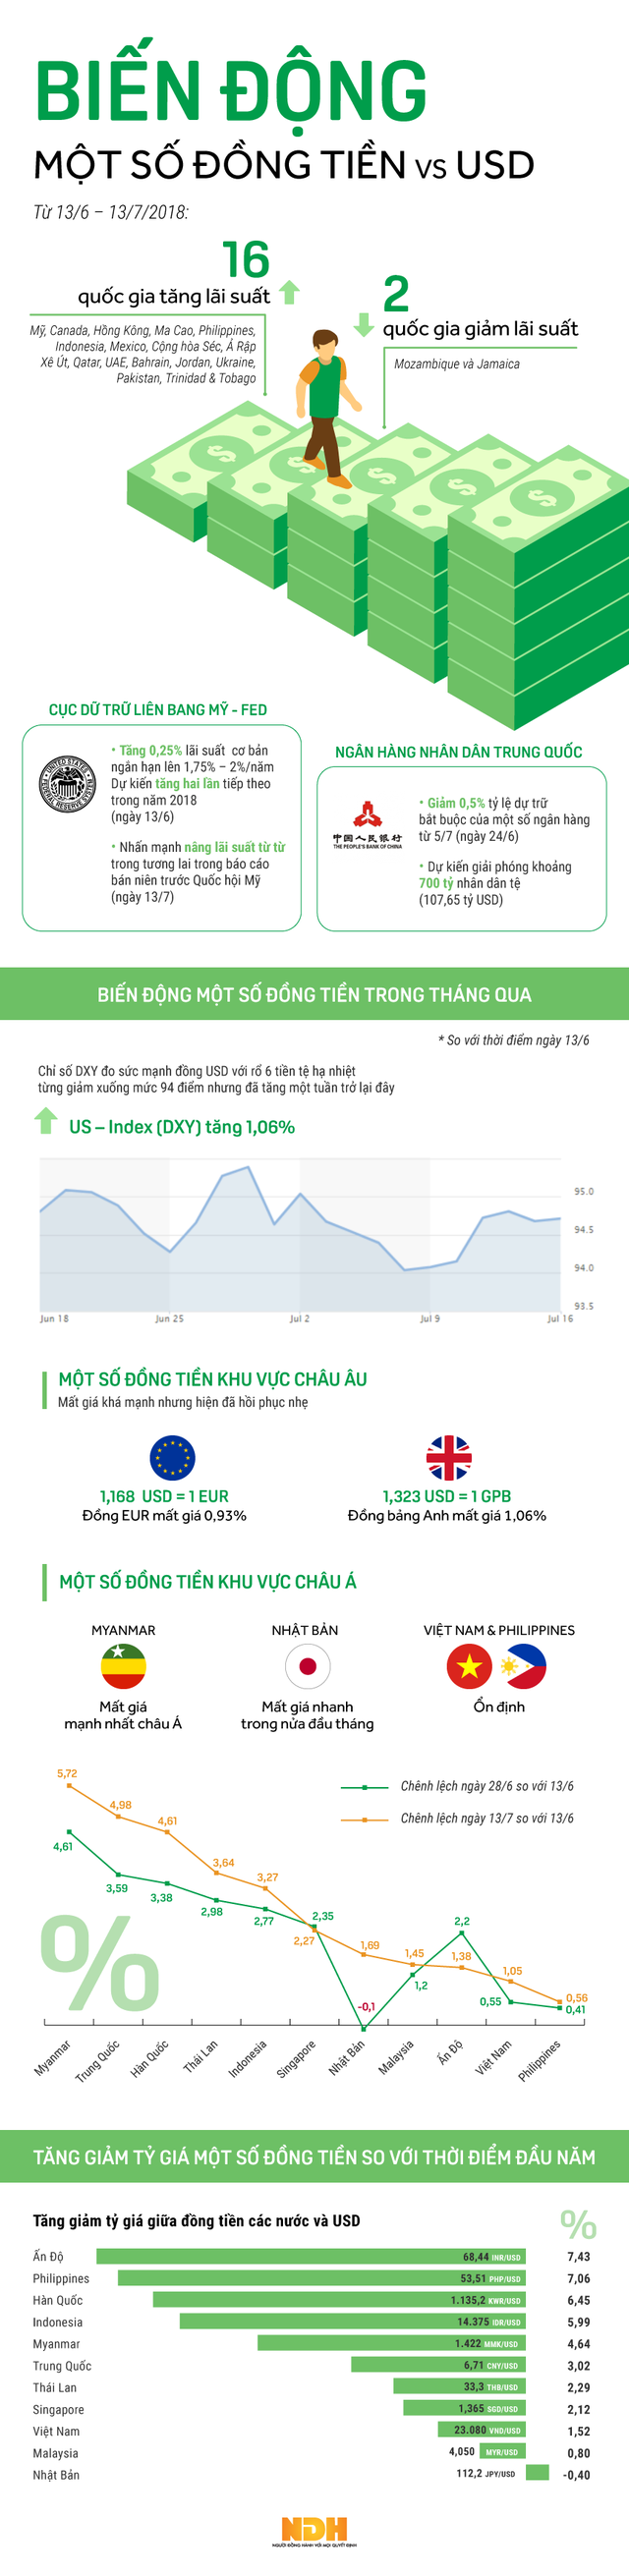 [Infographic] Đa số các đồng tiền châu Á mất giá so với USD sau một tháng Fed tăng lãi suất  - Ảnh 1.